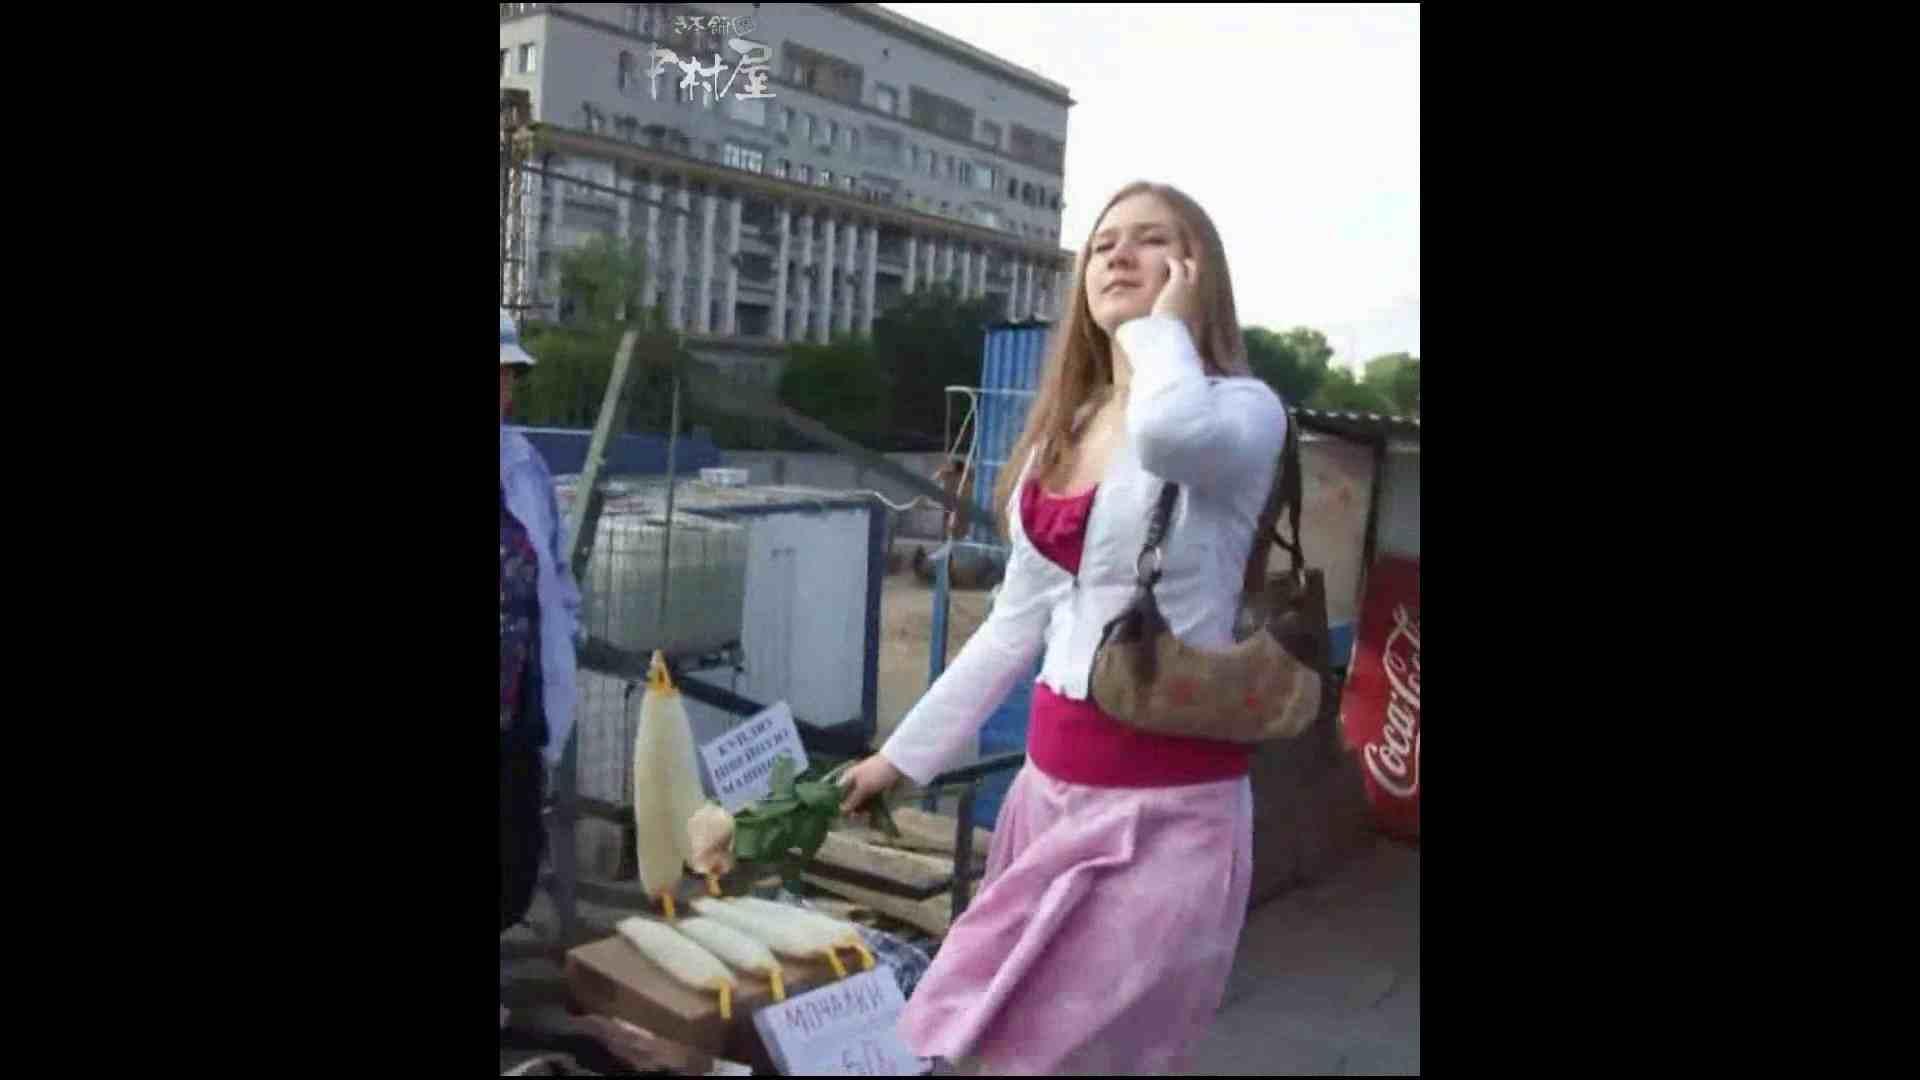 綺麗なモデルさんのスカート捲っちゃおう‼ vol21 エロいお姉さん  11枚 8